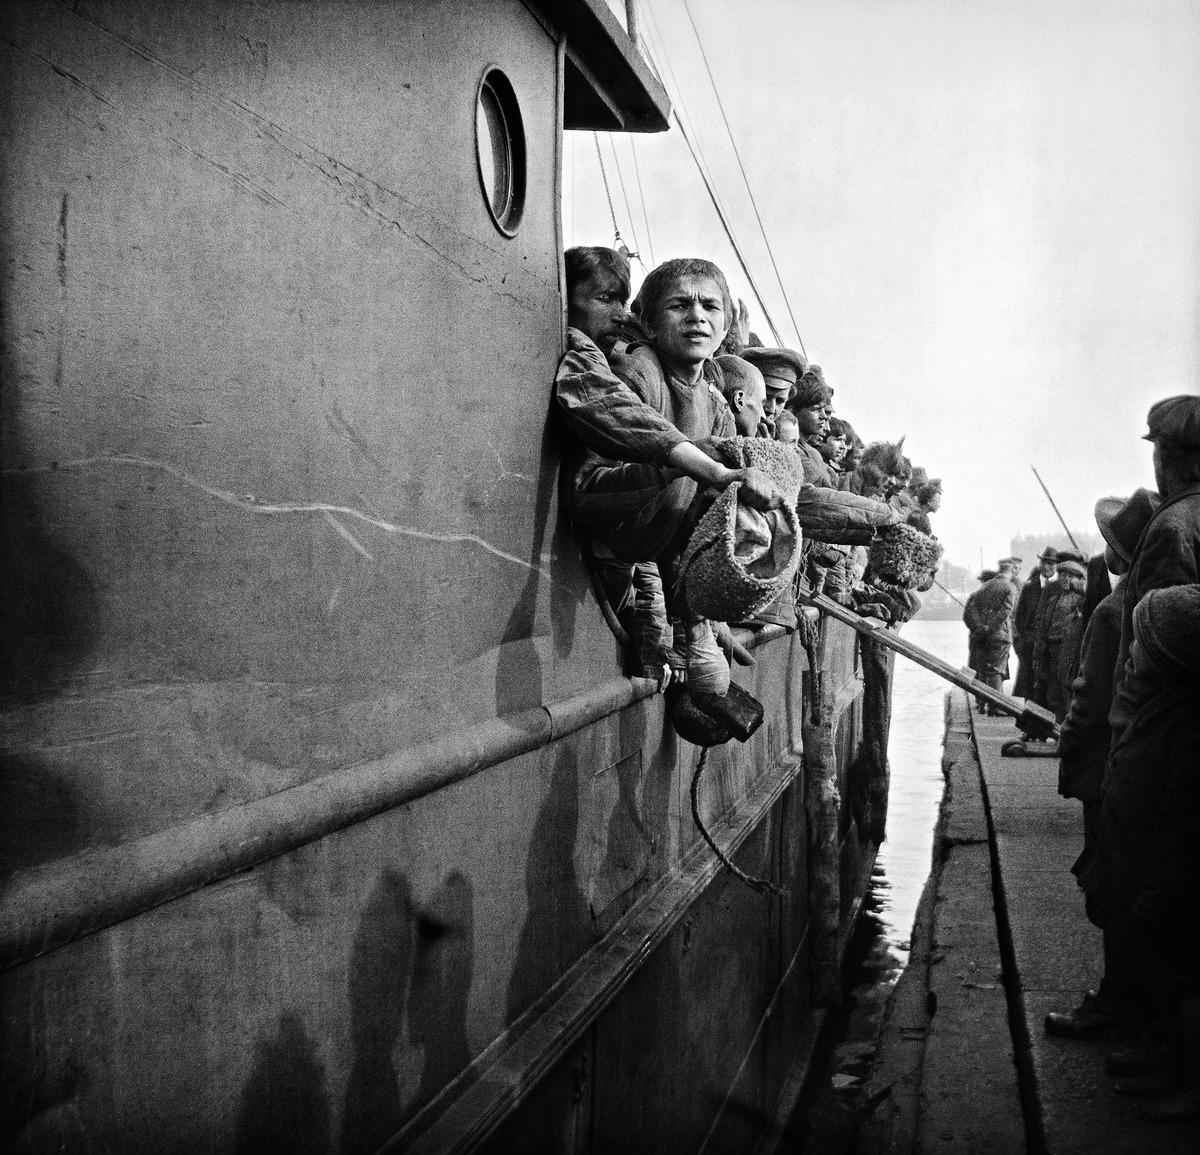 Sisällissodan aikana Joensuussa vangittuja venäläisiä siirretään Kauppatorilta Helsingin edustalla sijaitsevaan Melkin saareen pakkotyöhön vuonna 1918.